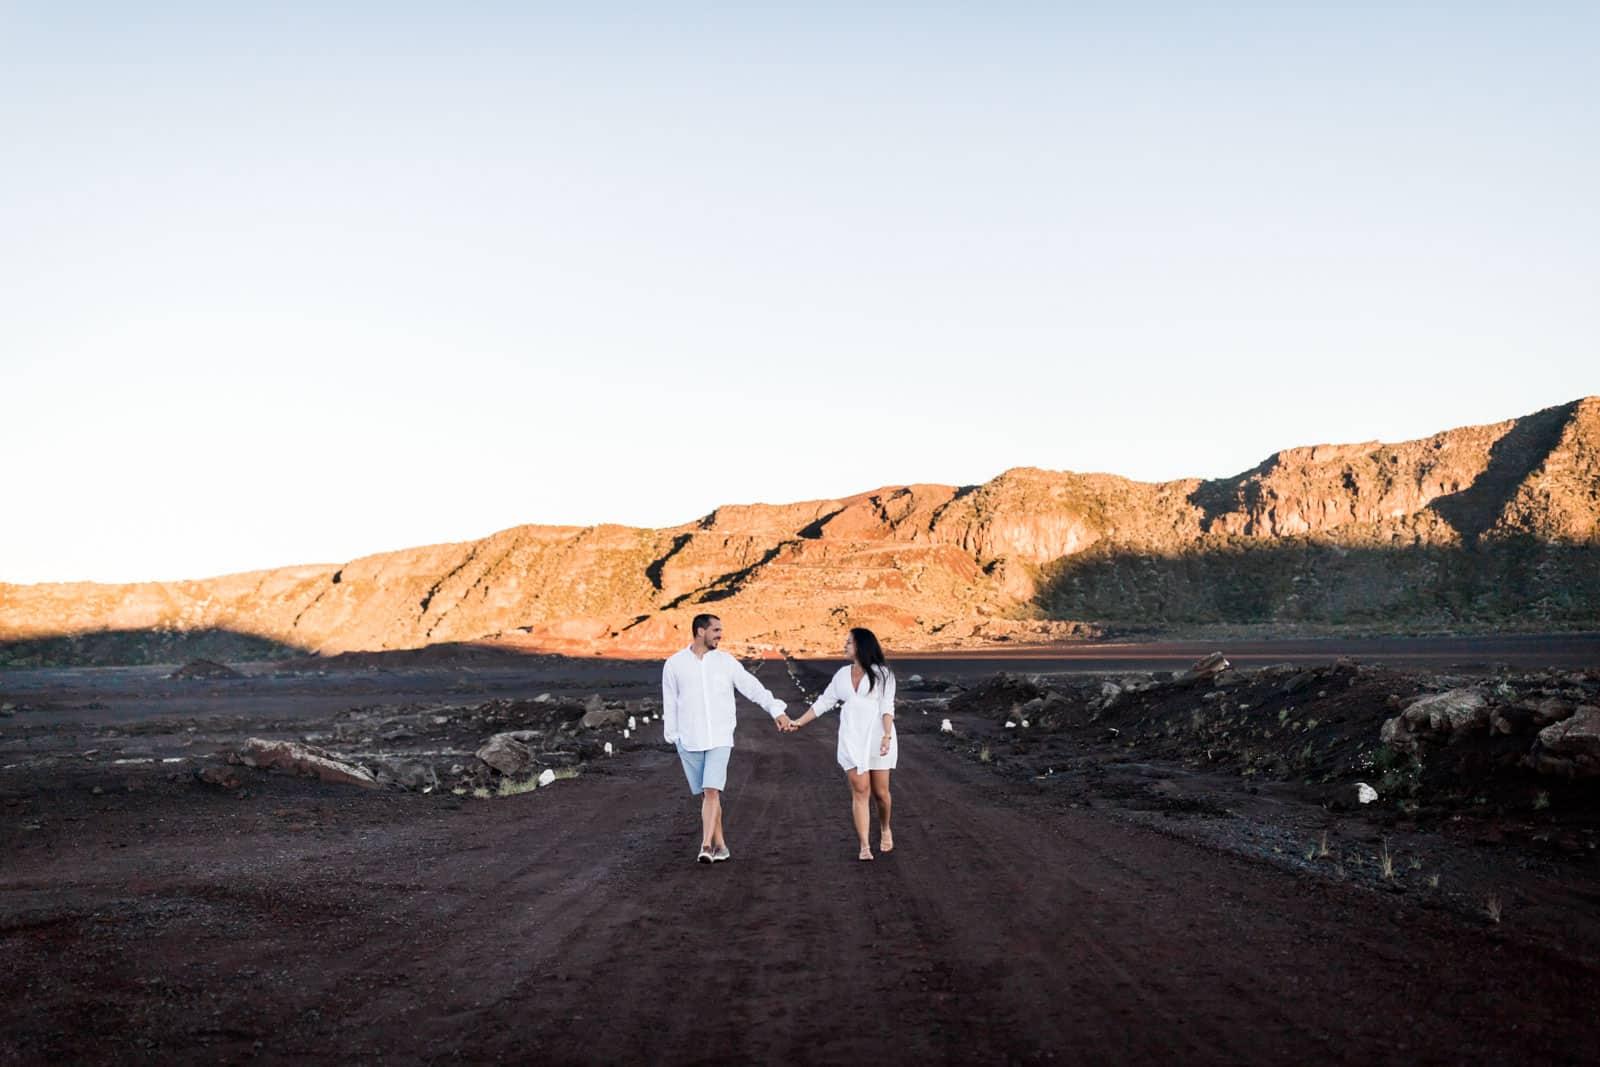 Photographie de Mathieu Dété, photographe de mariage et famille à Saint-Gilles sur l'île de la Réunion 974, présentant un couple qui se tient par la main sur la route du volcan